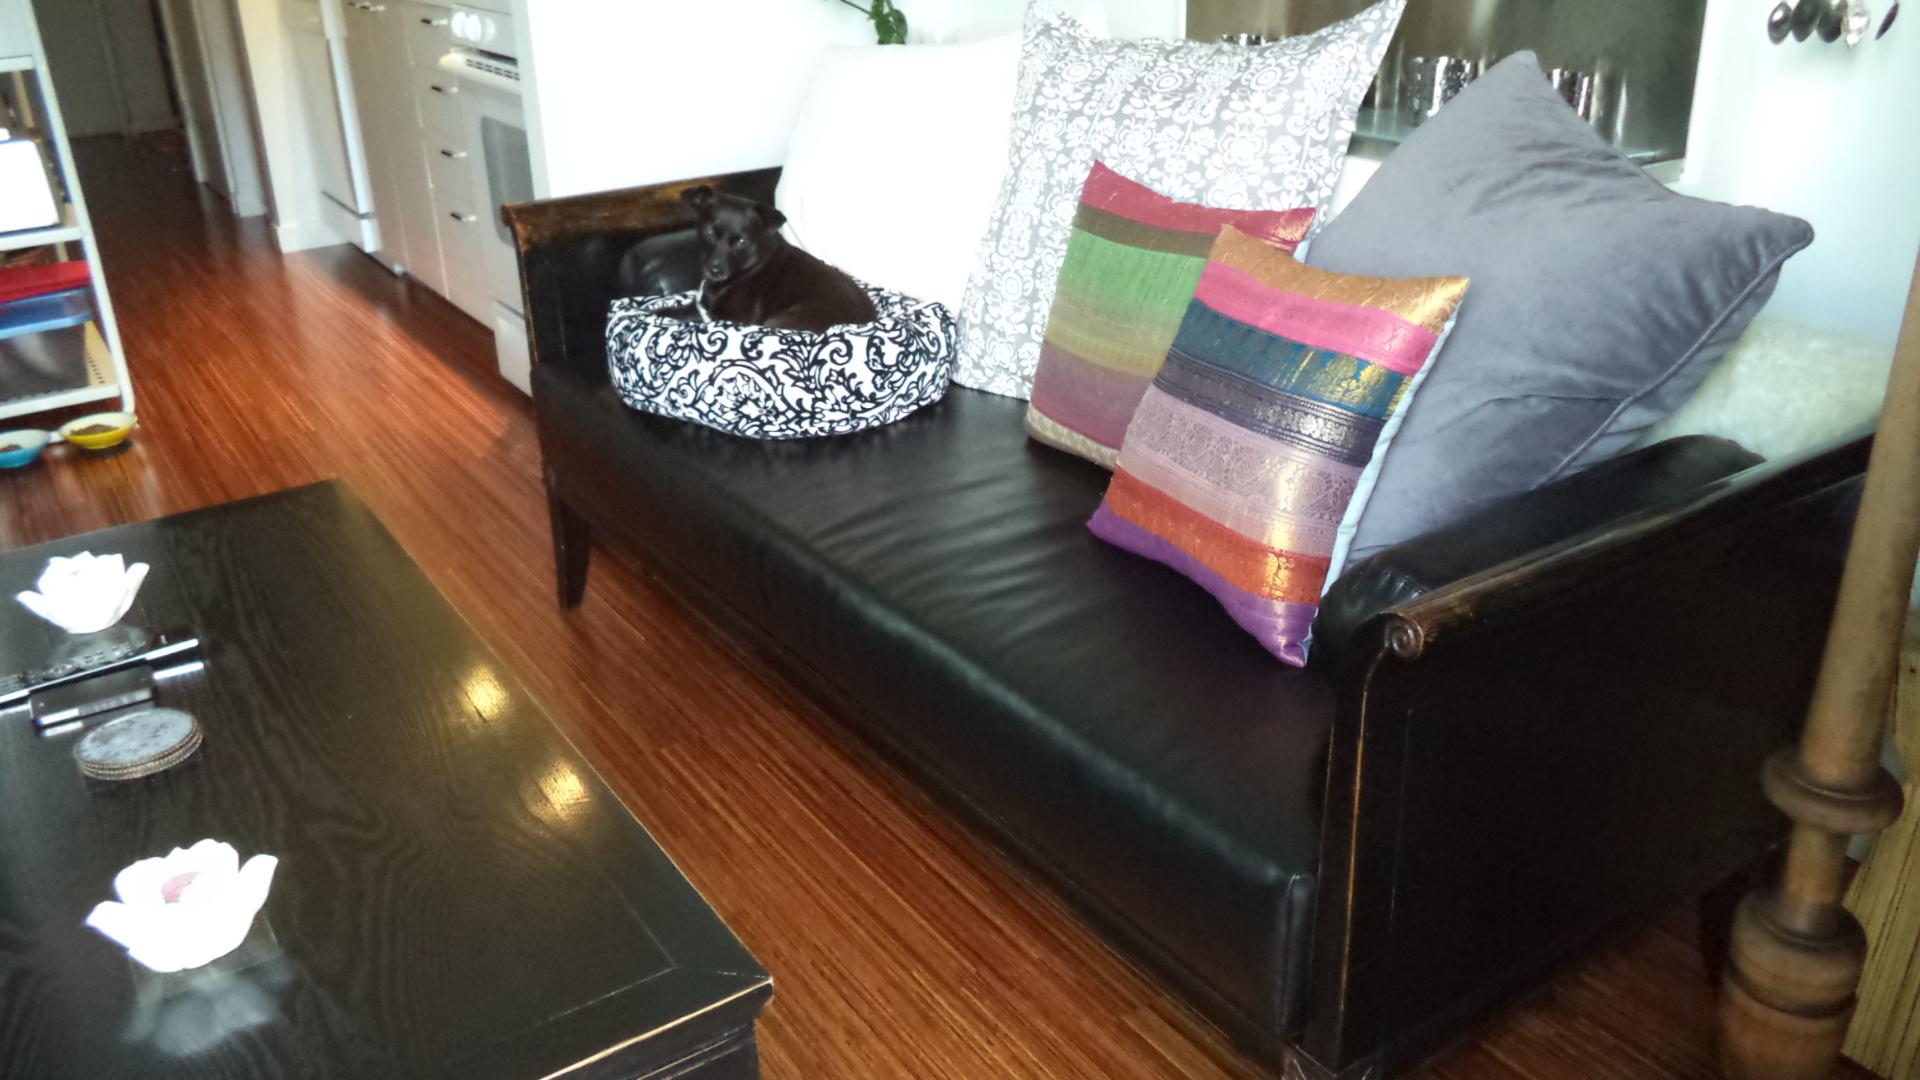 New Sue's sofa